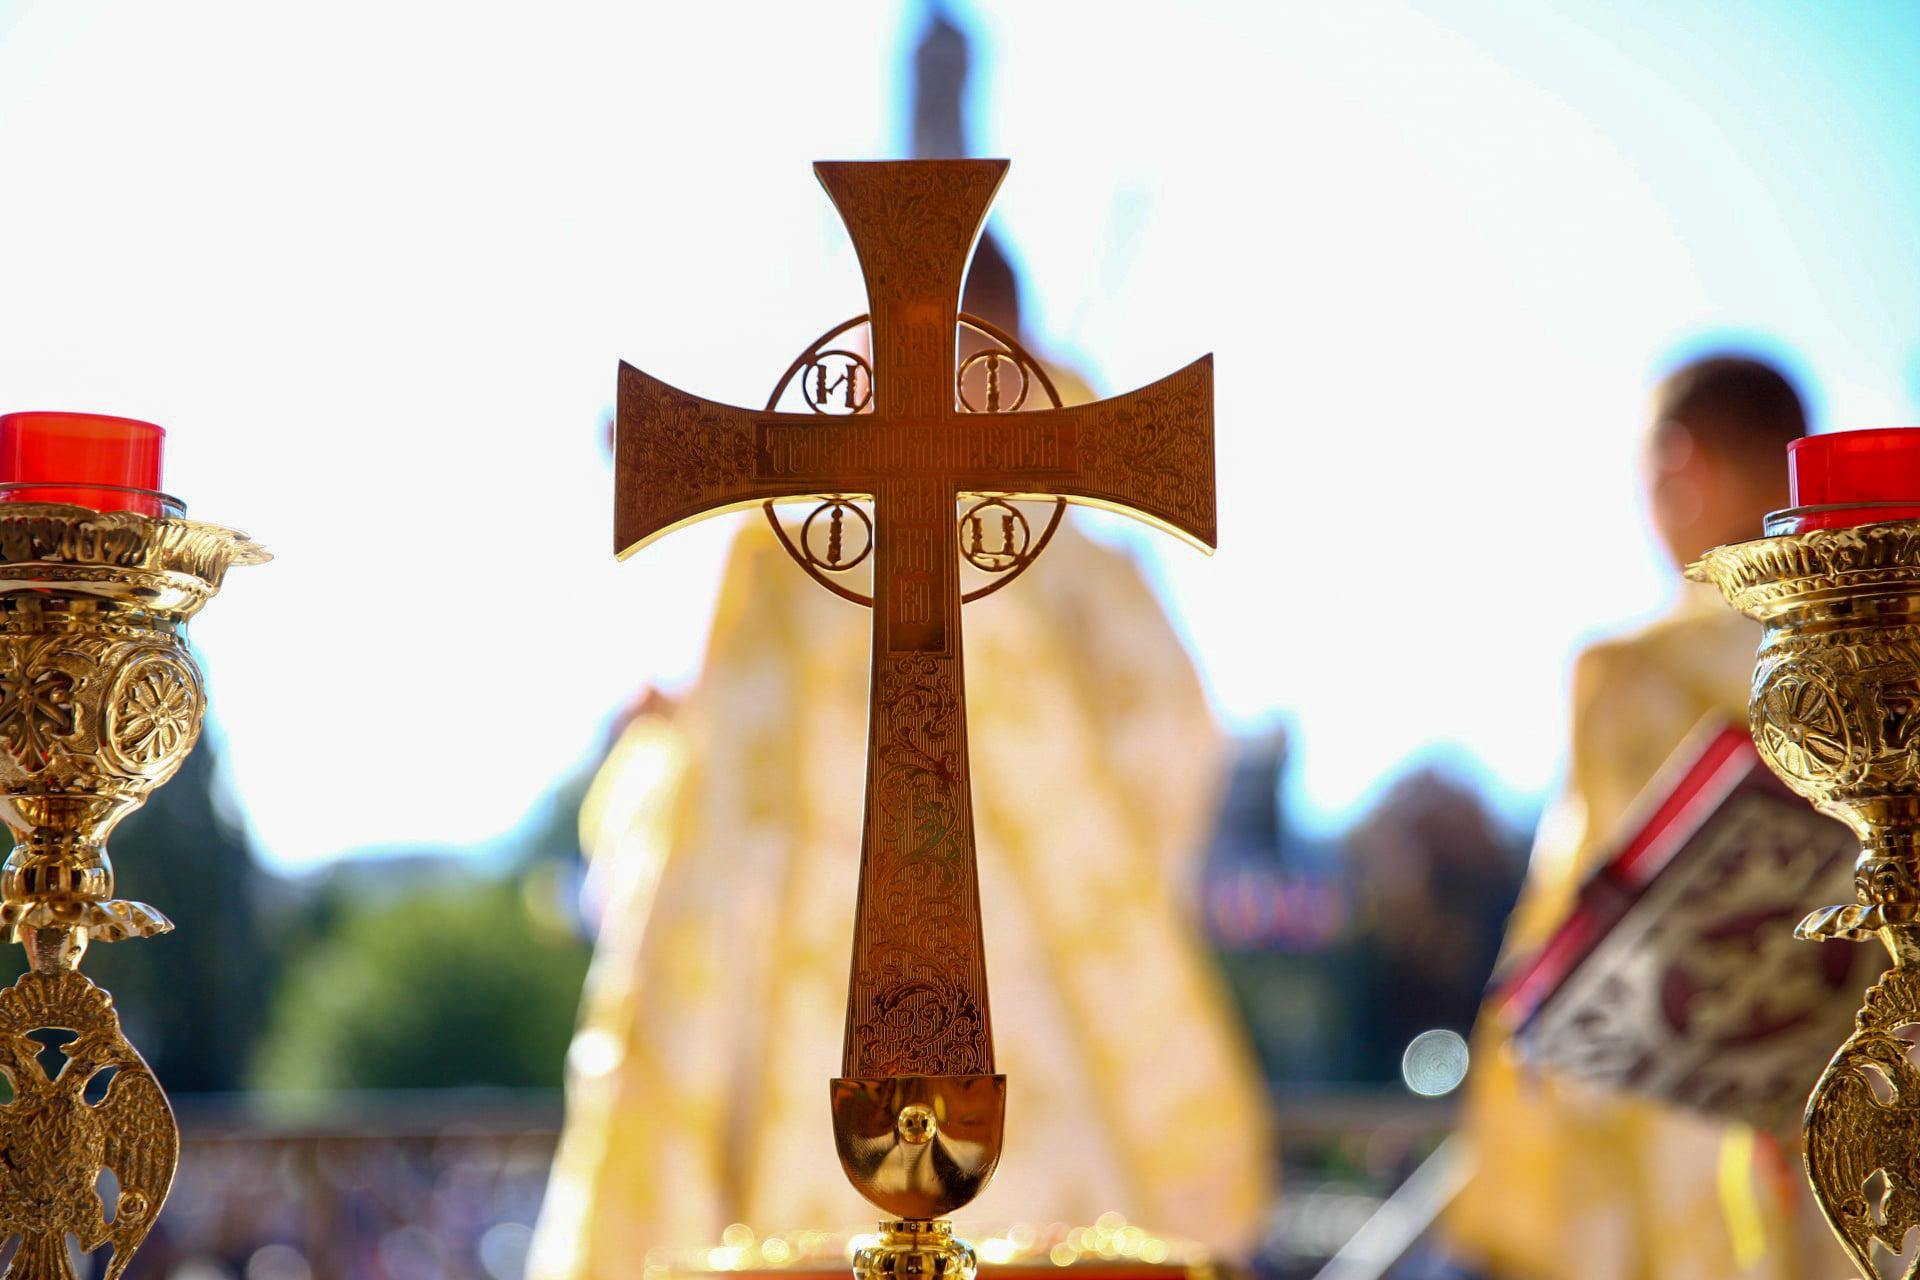 """<i>""""M-am răstignit împreună cu Hristos…""""</i> – CRUCEA ca asumare a DUȘMĂNIEI CU DUHUL LUMII, ca lucrare de NEVOINȚĂ permanentă, dar și ca PUTERE A LUI DUMNEZEU: <i>""""Pune-ți toată încrederea în Hristos, Cel care a venit să trăiască împreună cu noi și în noi!""""</i> (PS BENEDICT – Predică VIDEO + TEXT)"""